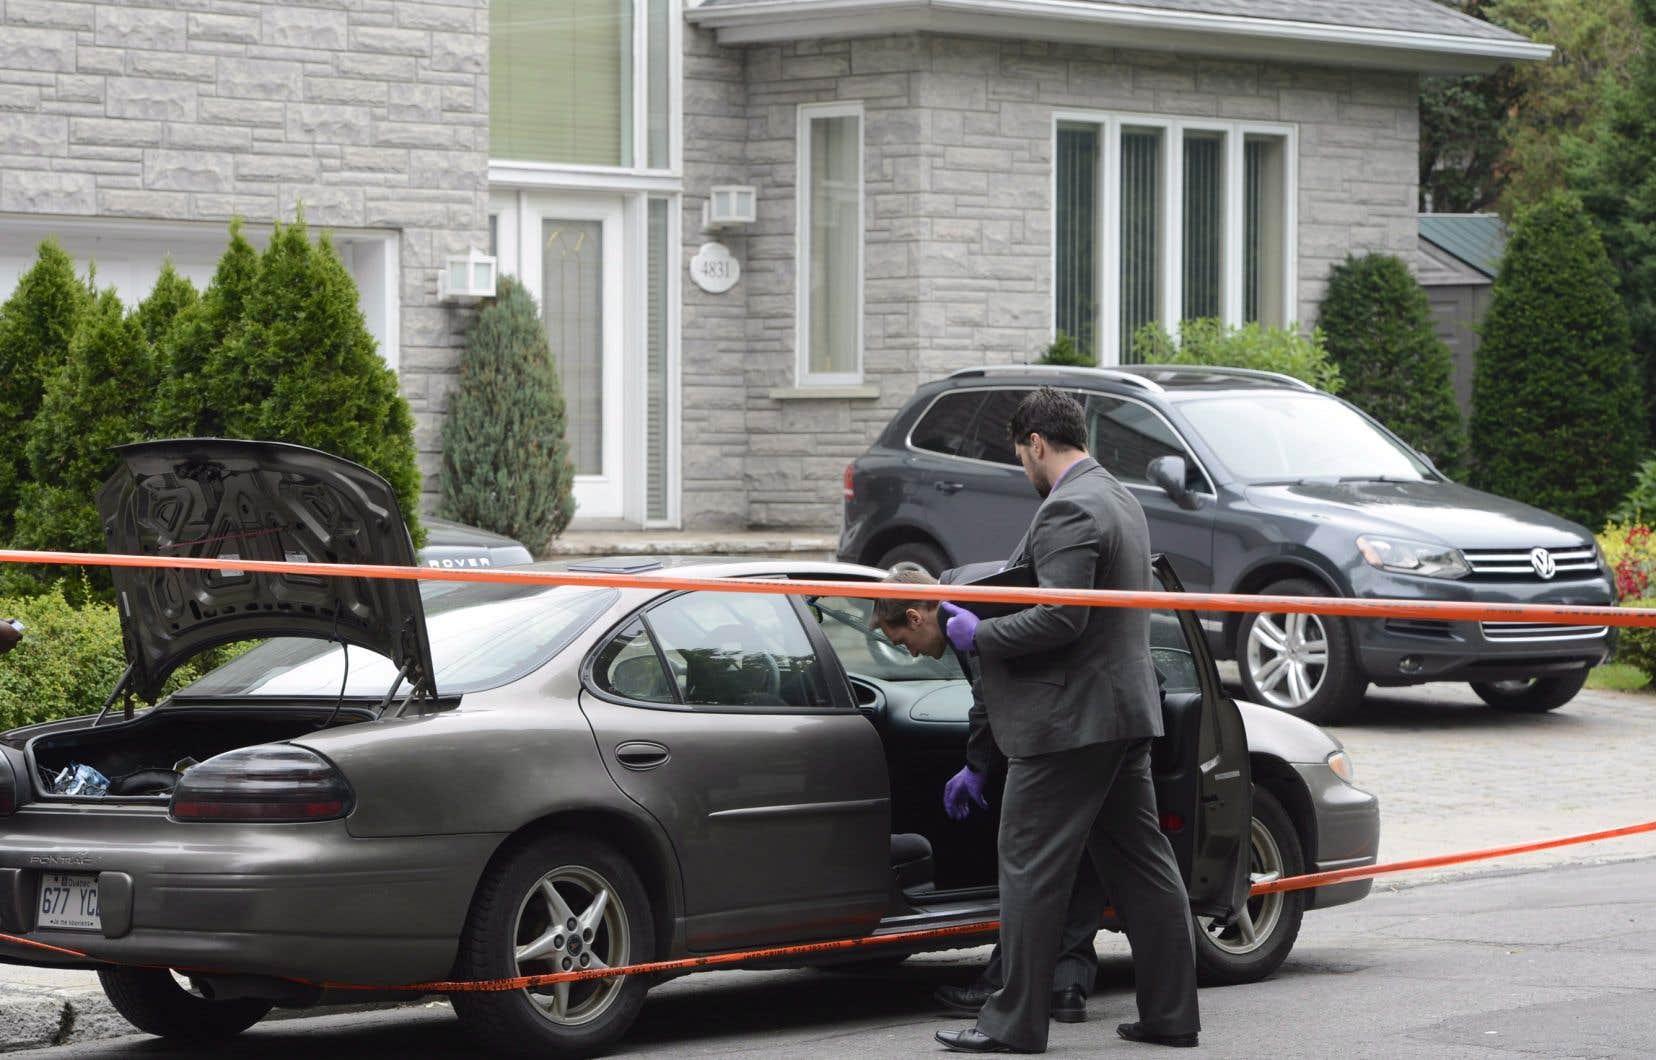 Des policiers examinent un véhicule stationné devant la maison de l'entrepreneur Tony Magi, en juillet 2013.